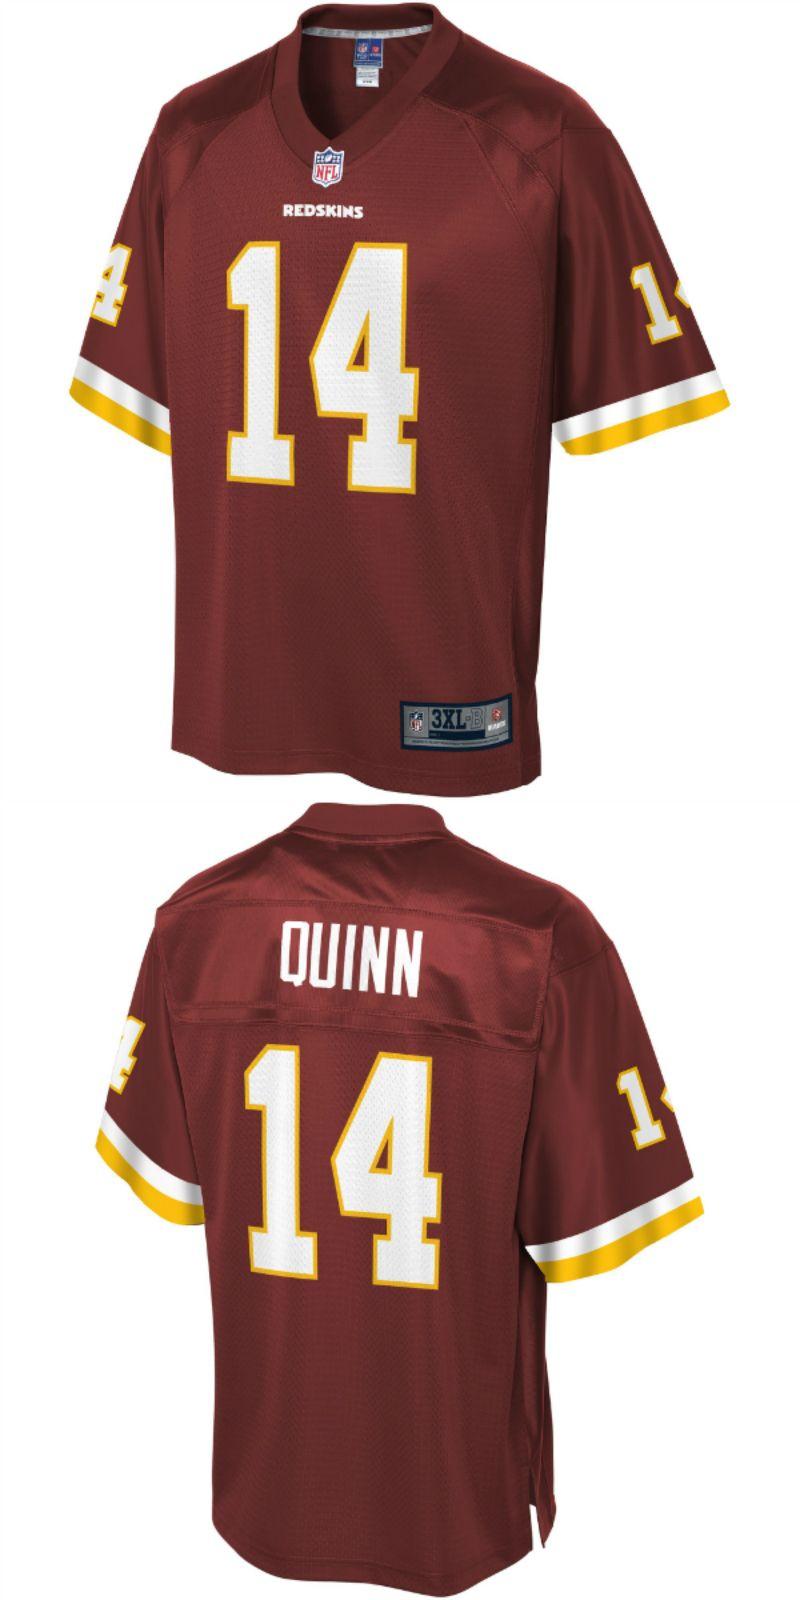 size 40 181d1 cd62d UP TO 70% OFF. Trey Quinn Washington Redskins NFL Pro Line ...